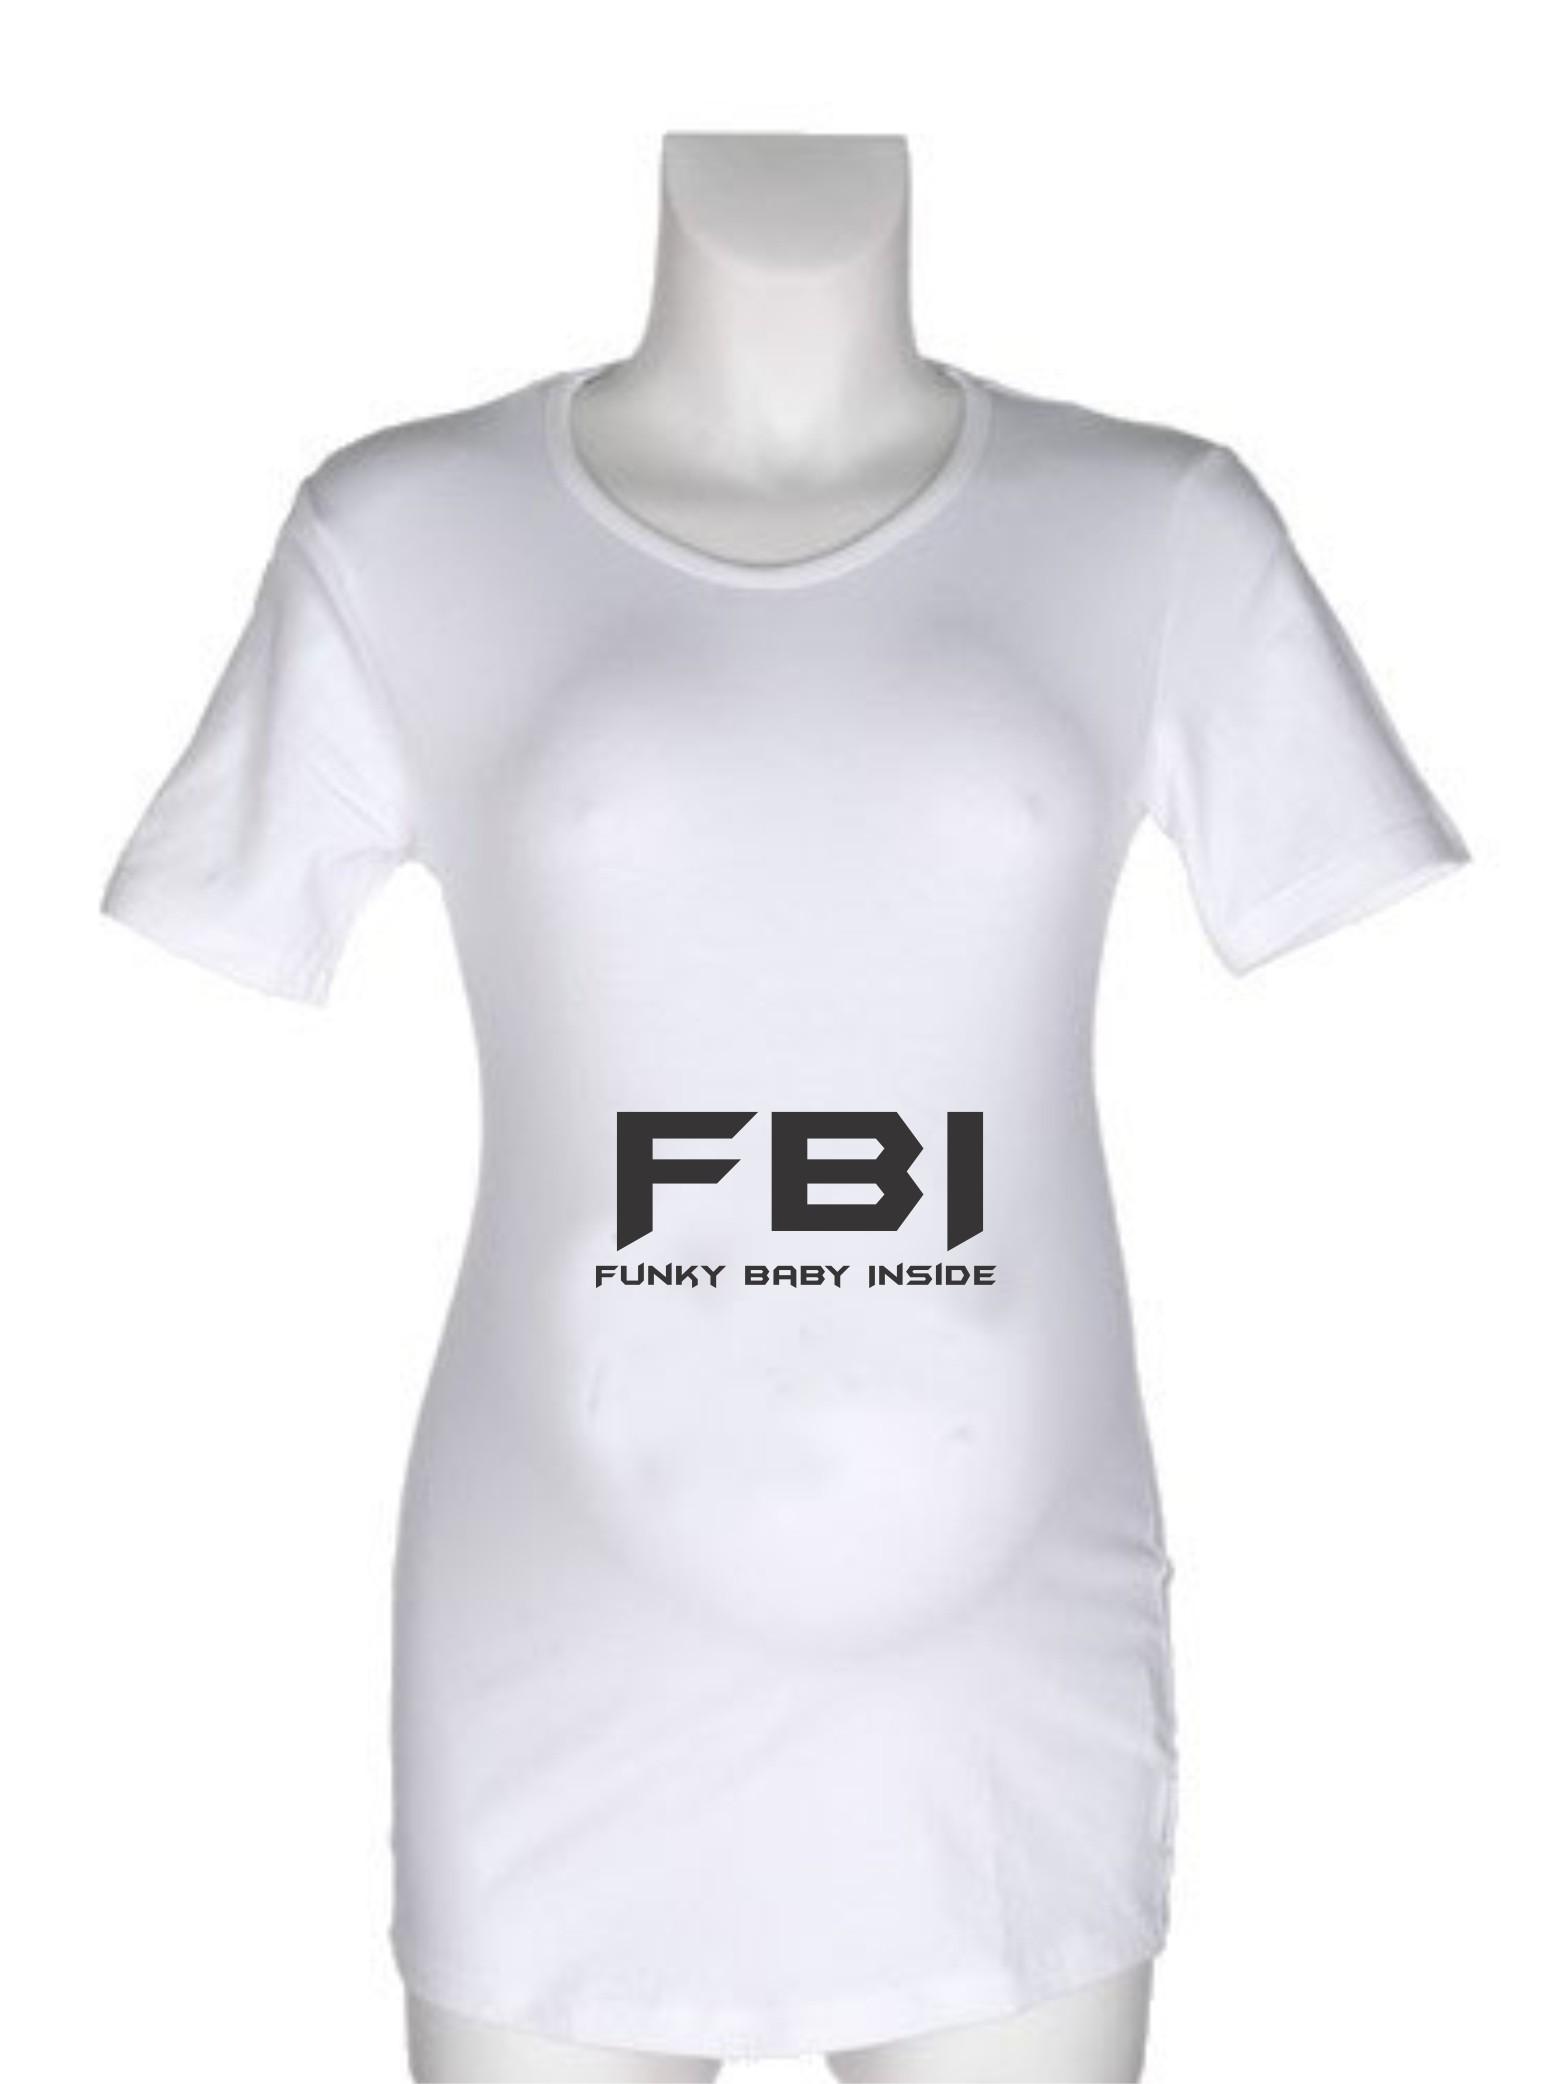 Nosečniška majica z napisom – Funky Baby Inside